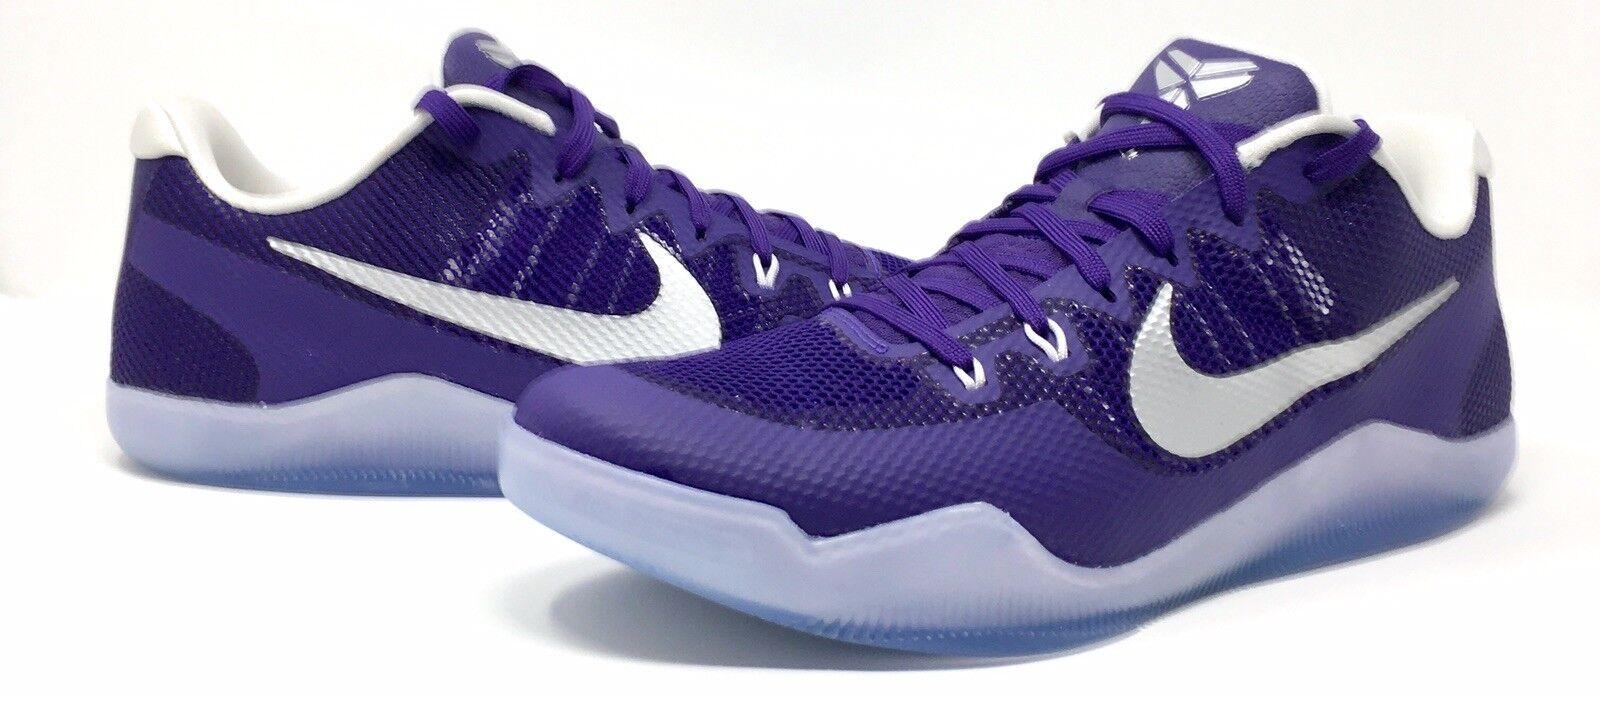 Nike Kobe XI 11 Low TB Promo Basketball Purple Silver White 856485-551 size 14.5